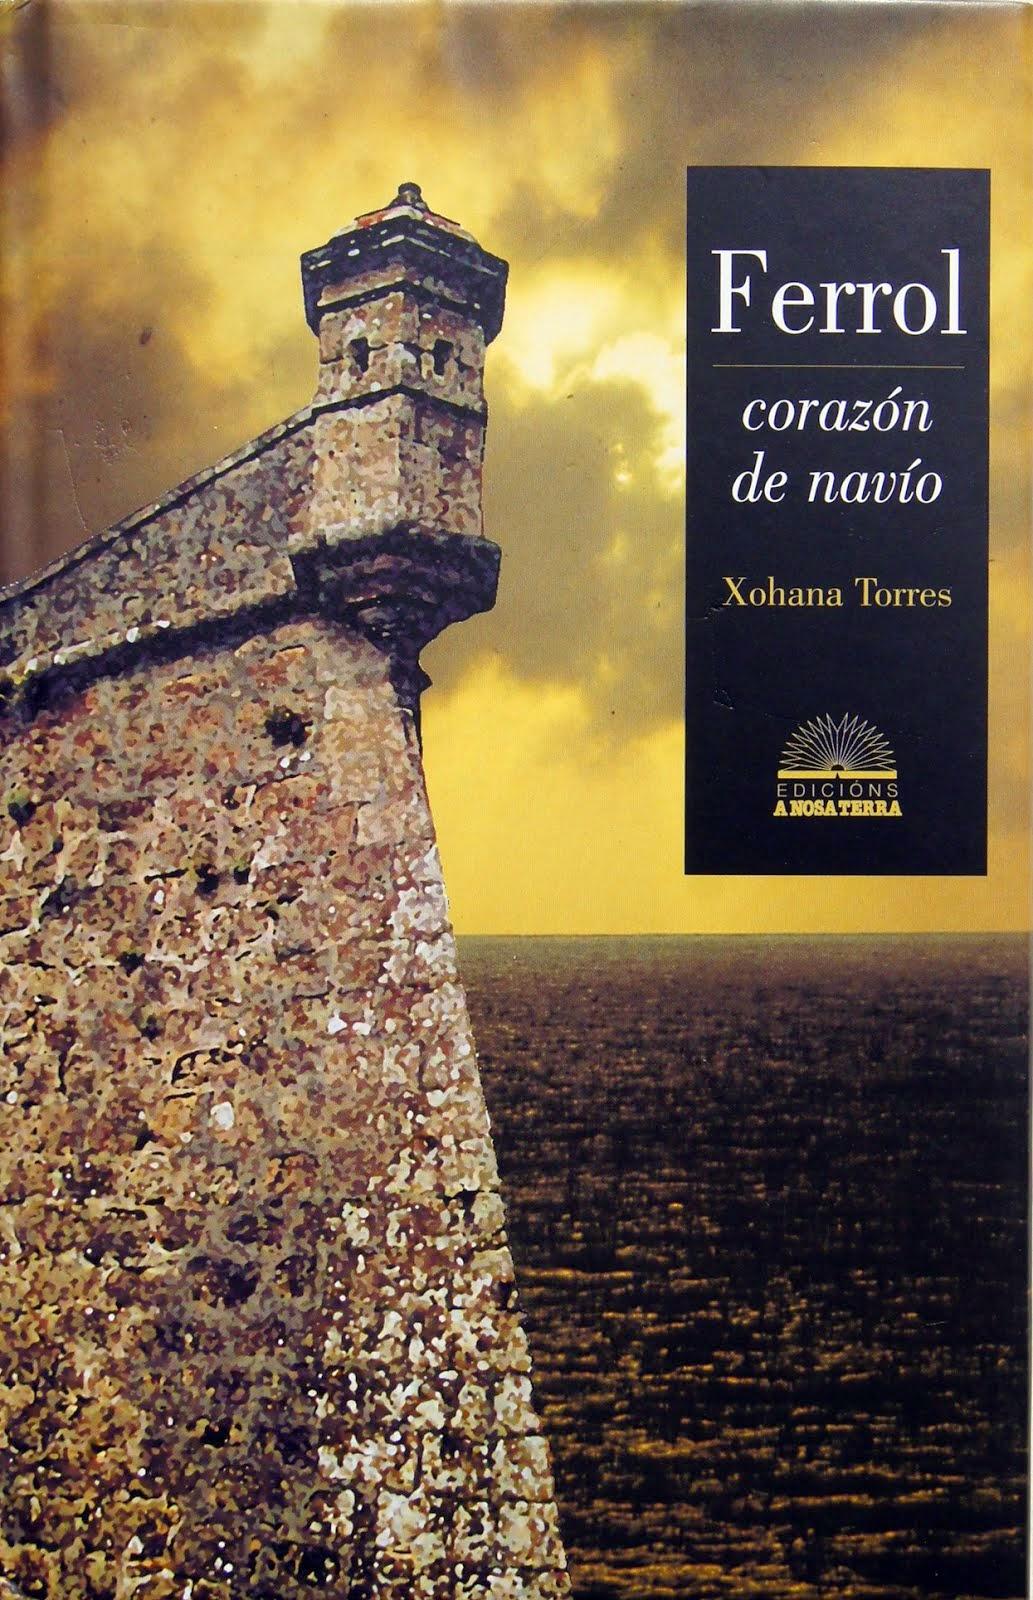 Ferrol, corazón de navío